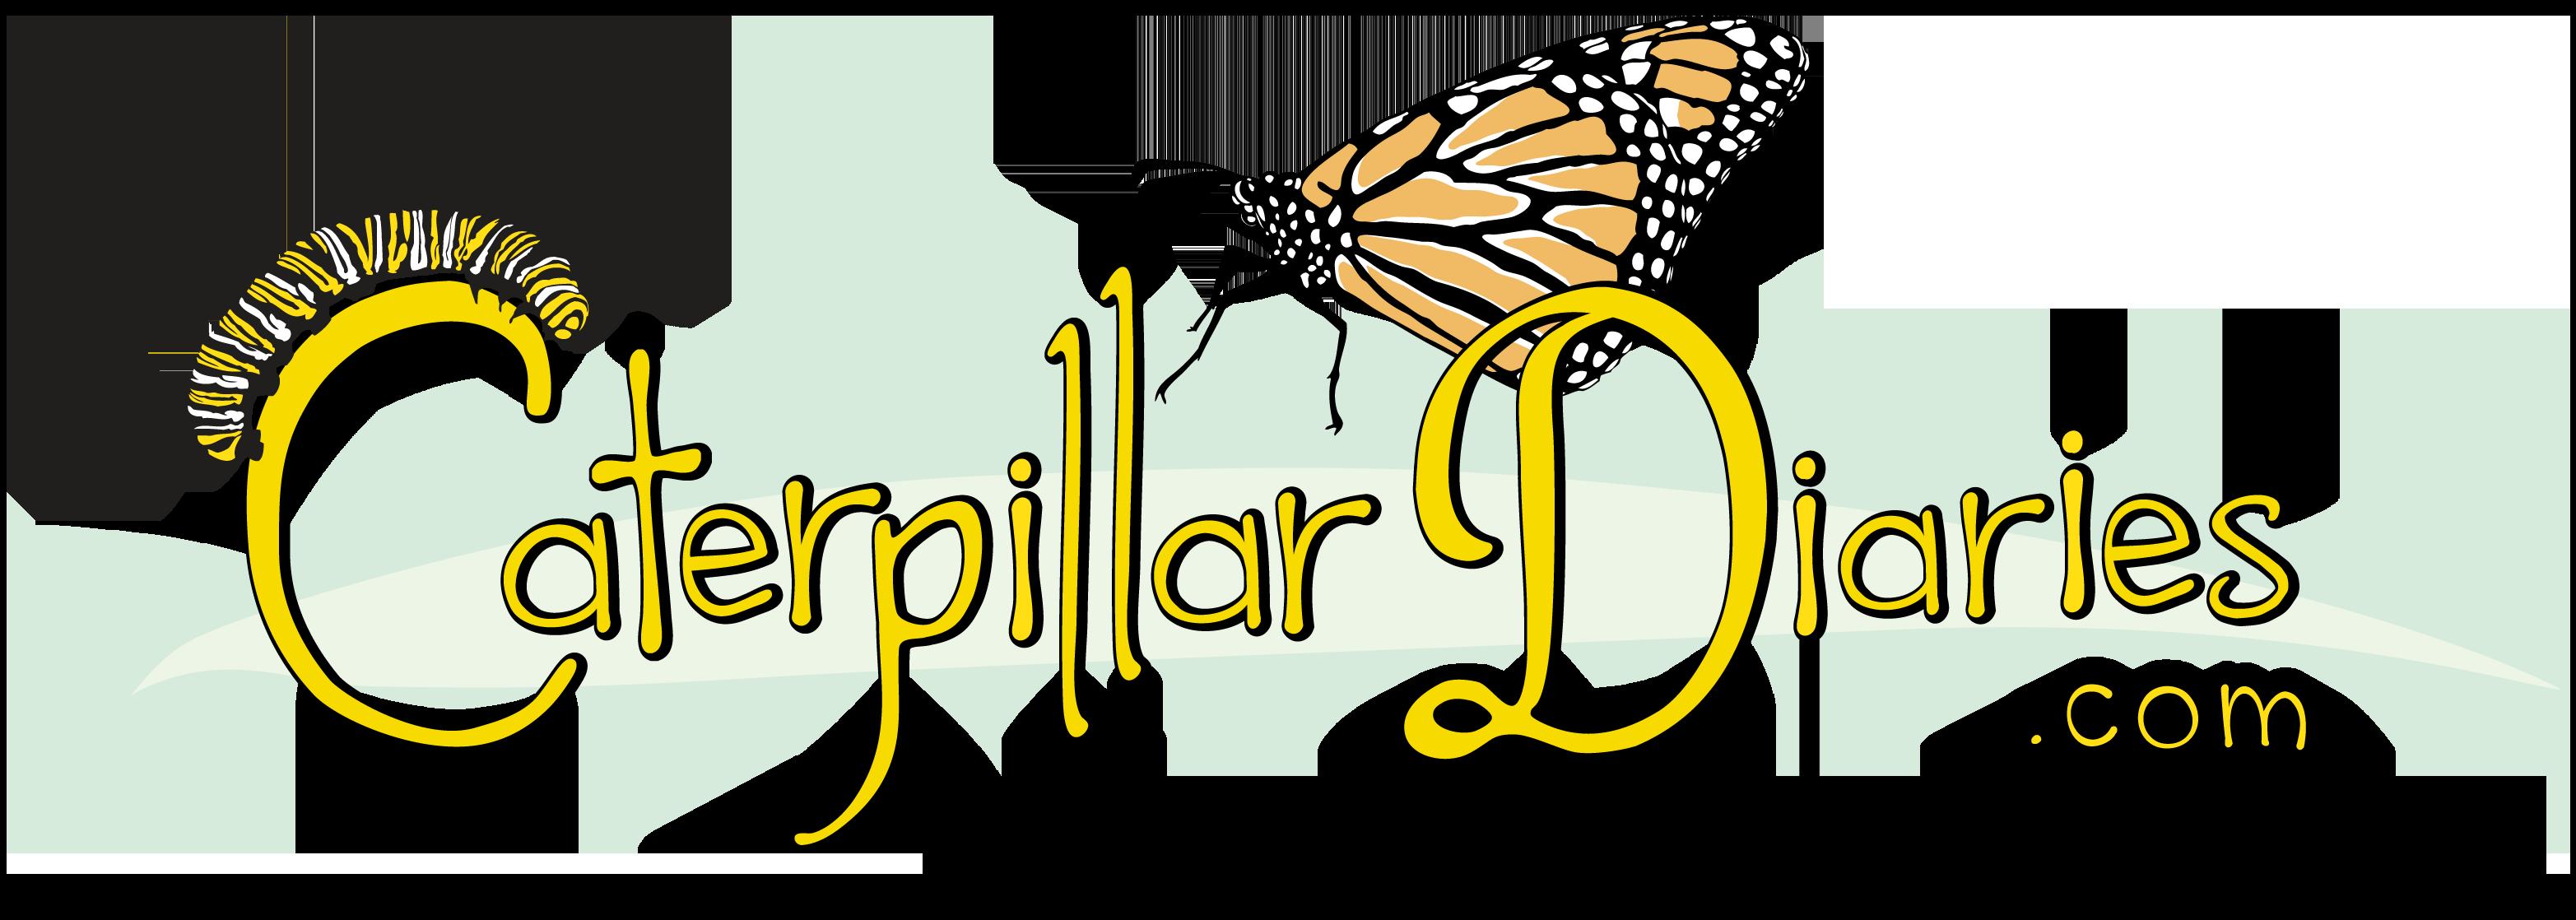 Caterpillar Diaries logo